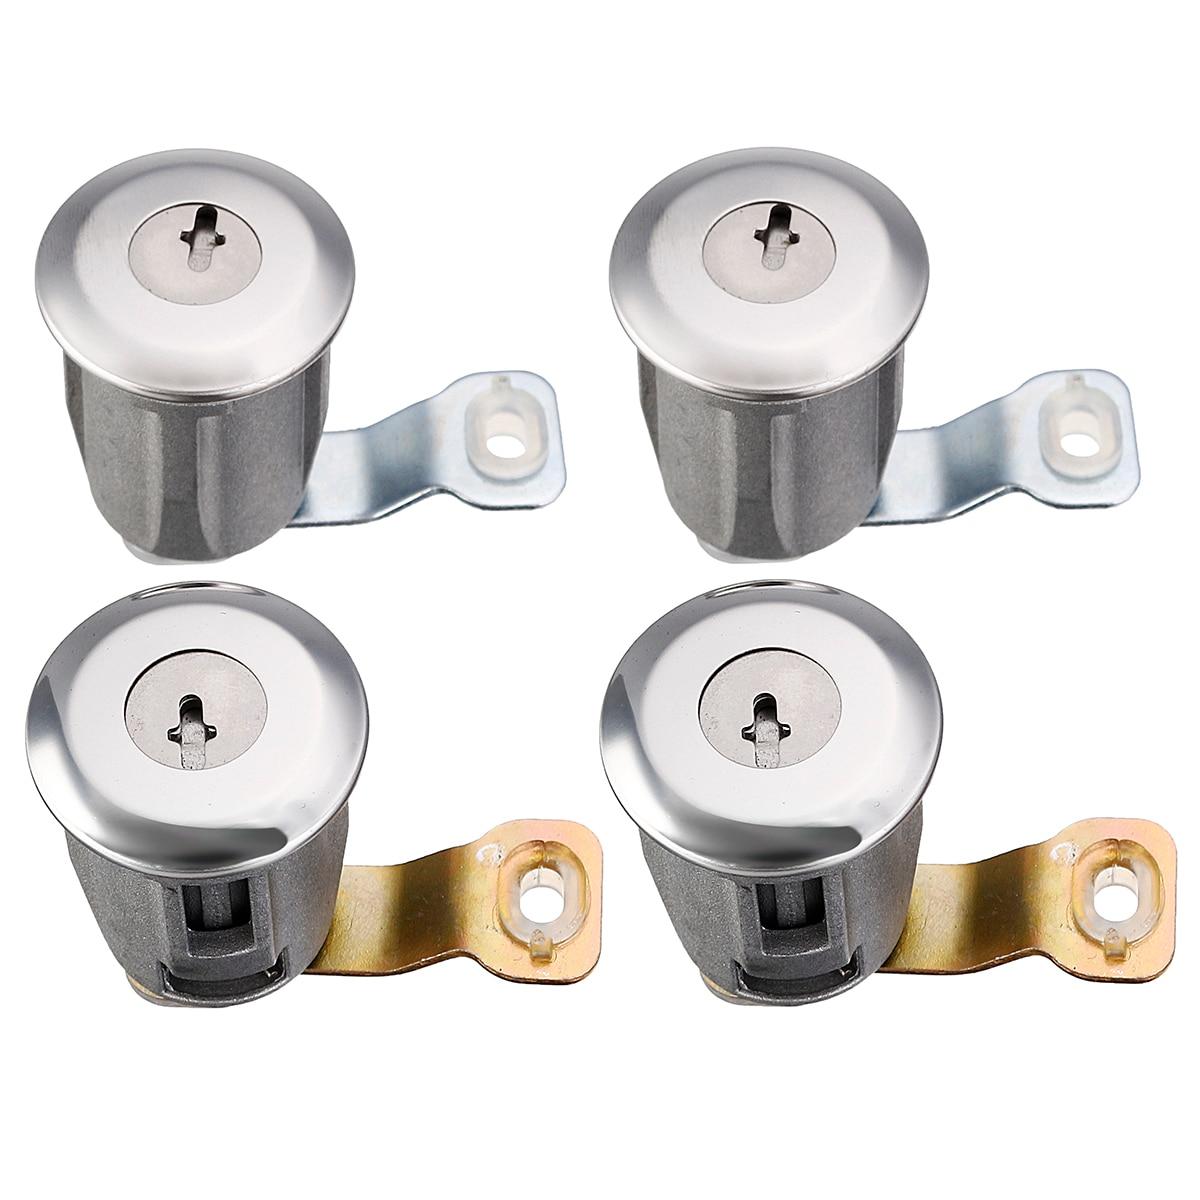 Chaud 4 pièces baril porte serrure cylindres deux clés pour Peugeot Partner Citr0en Xsara 1996 1997 1998-2007 252522 9170. G3 serrures & Hard